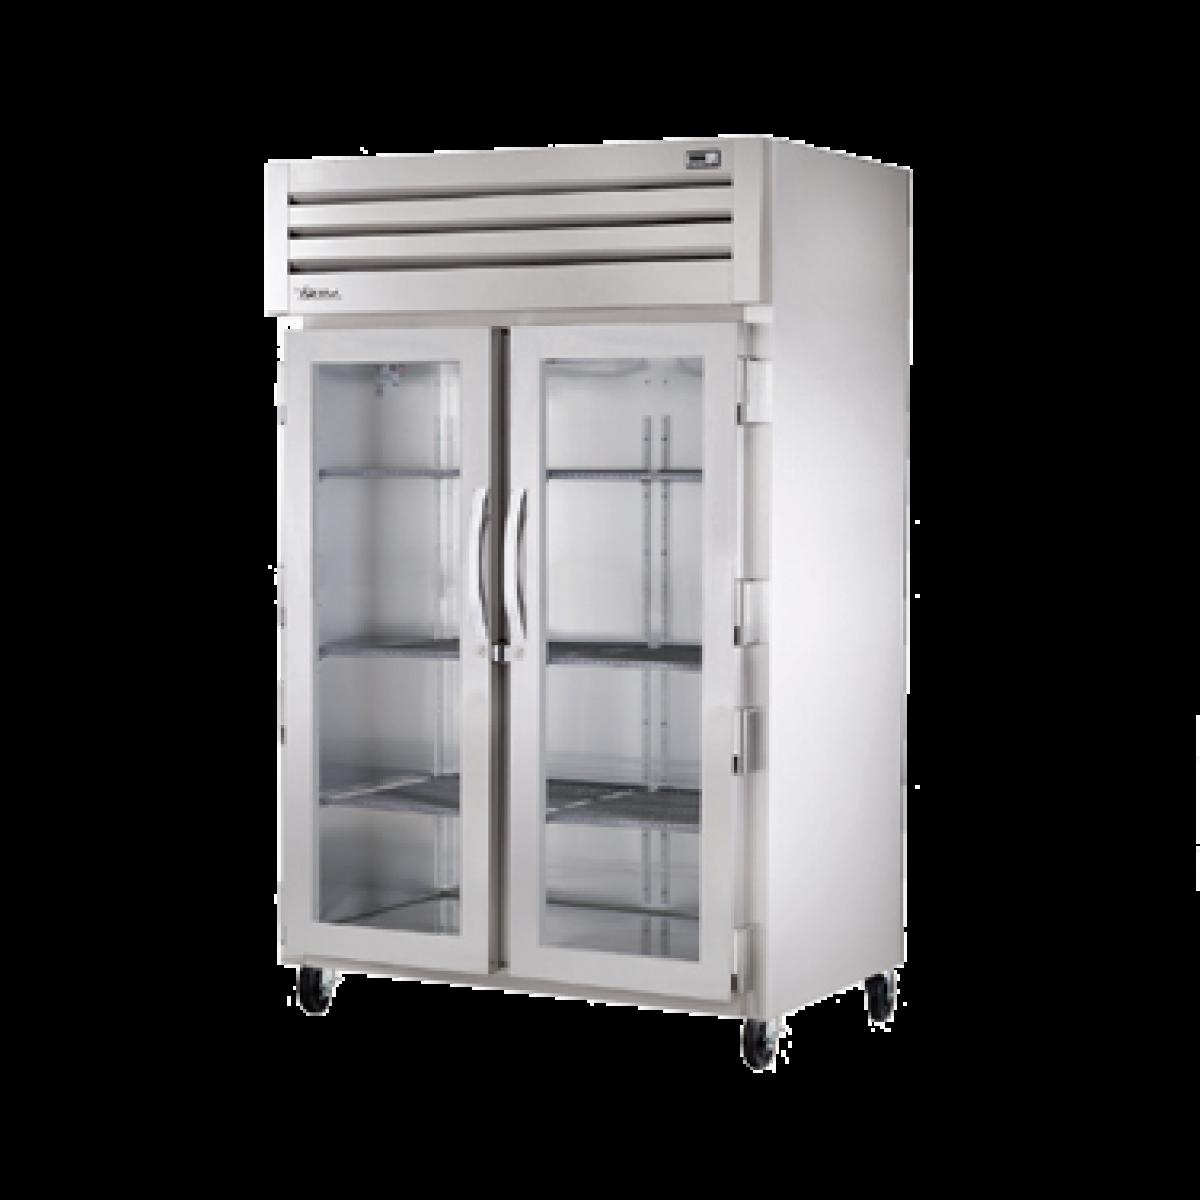 Buy True Mfg STG2RVLD 2G SPEC SERIES174 Refrigerator Reach  : 43acce9c 17ad 4c4a 9c8a 6c5bf7d6843b from www.bramainc.com size 1200 x 1200 png 368kB